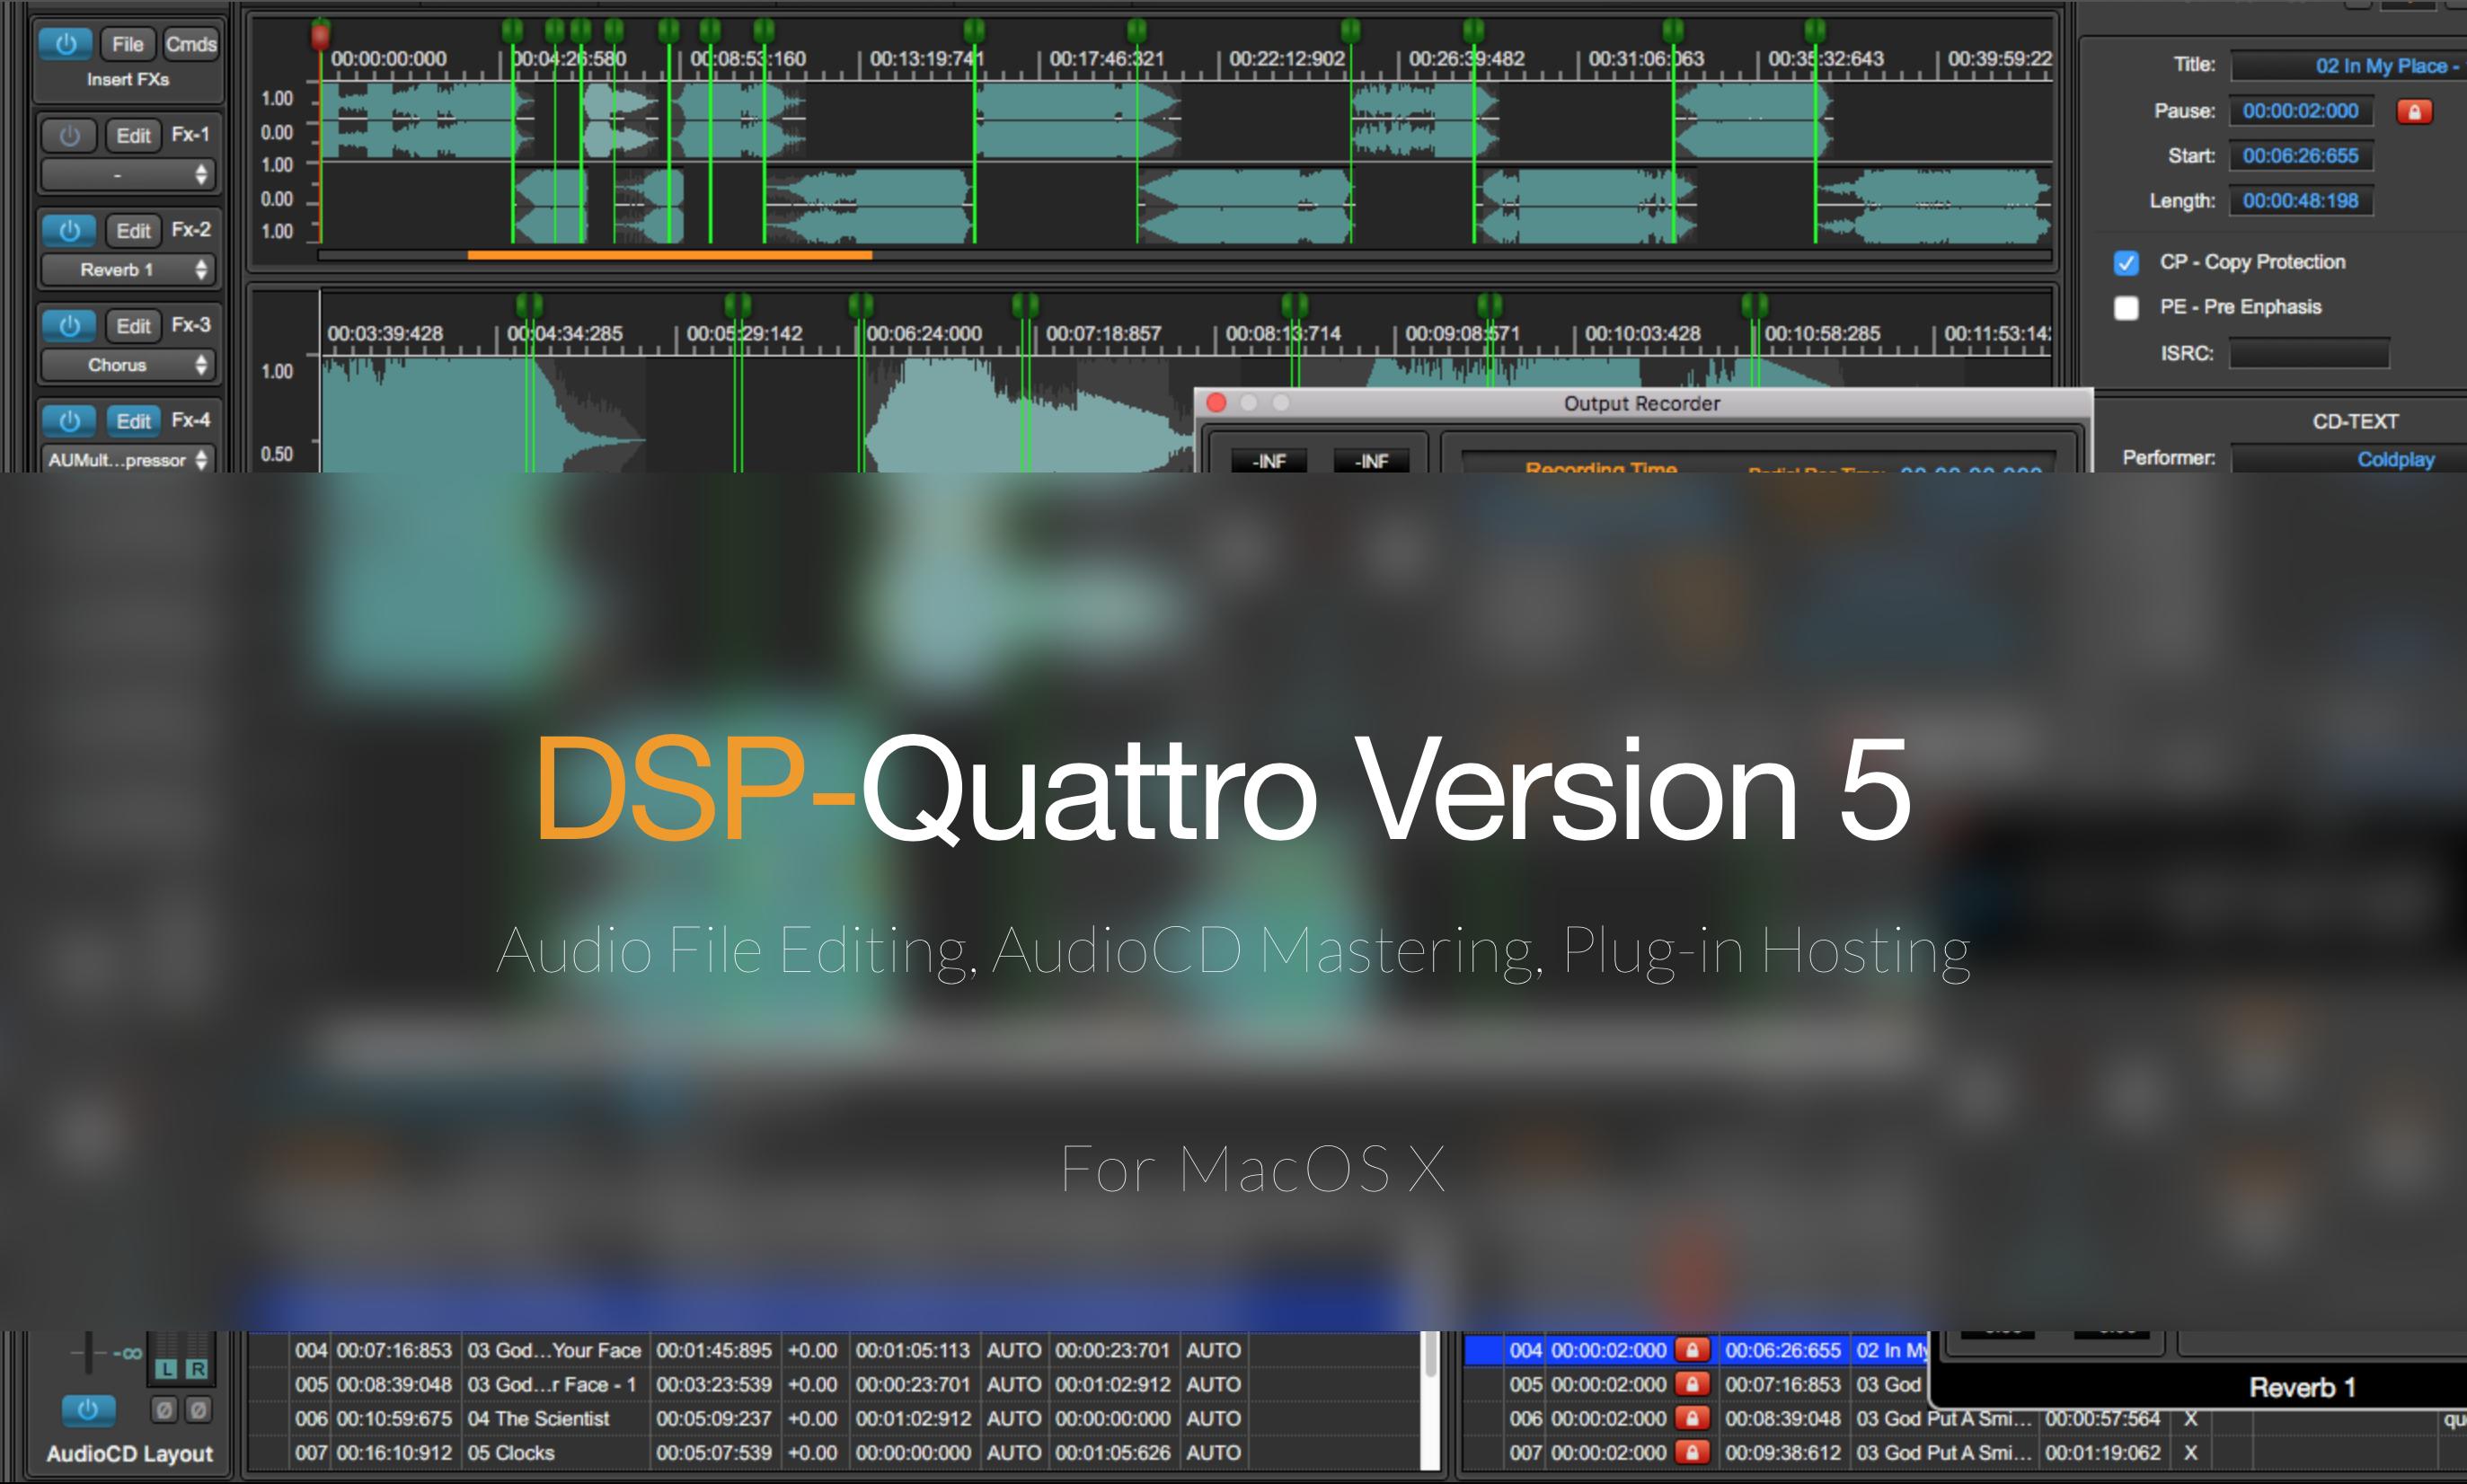 DSP-Quattro 5